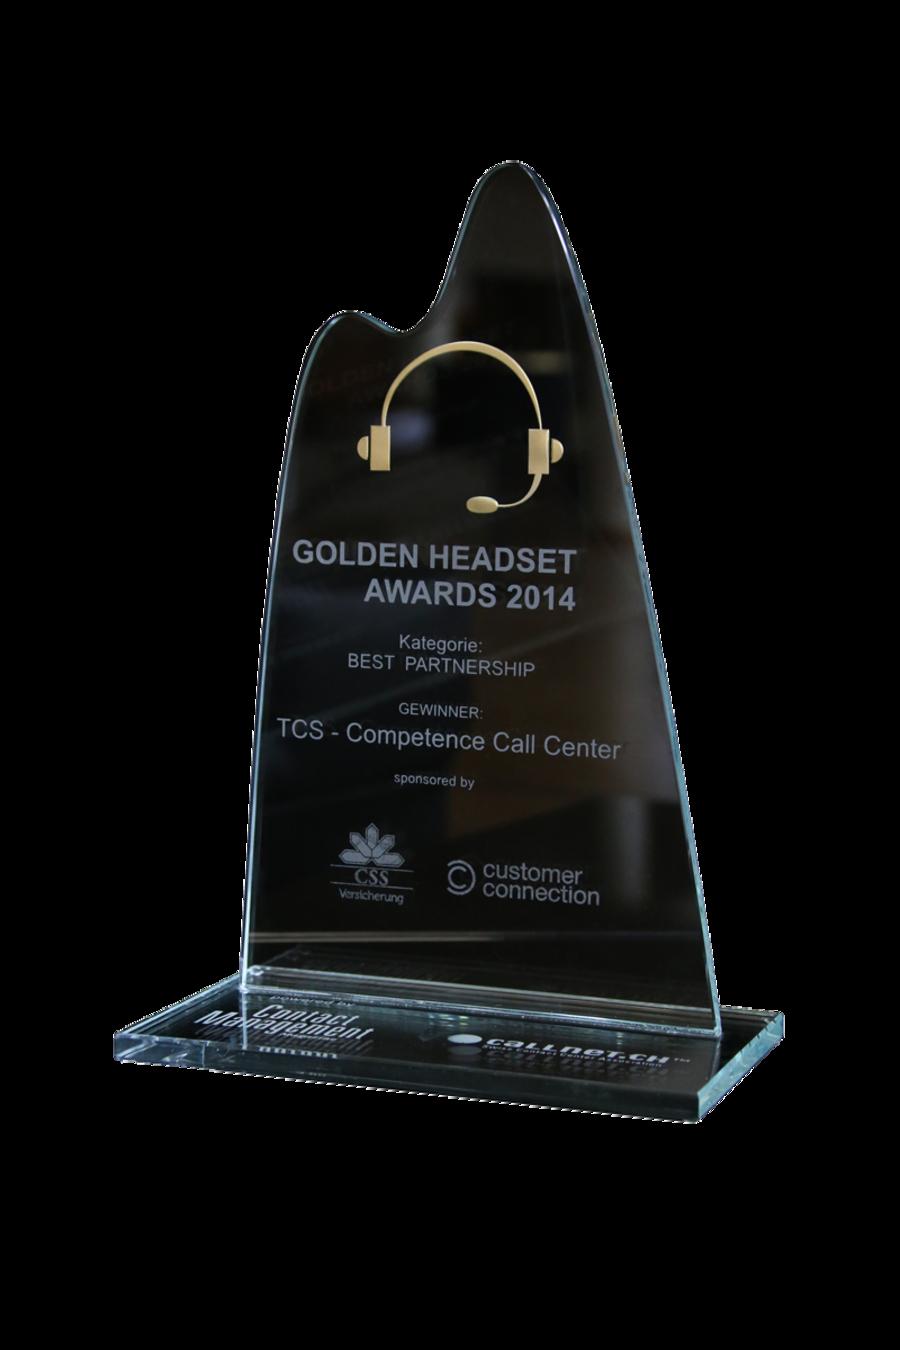 Golden Headset Awards 2014